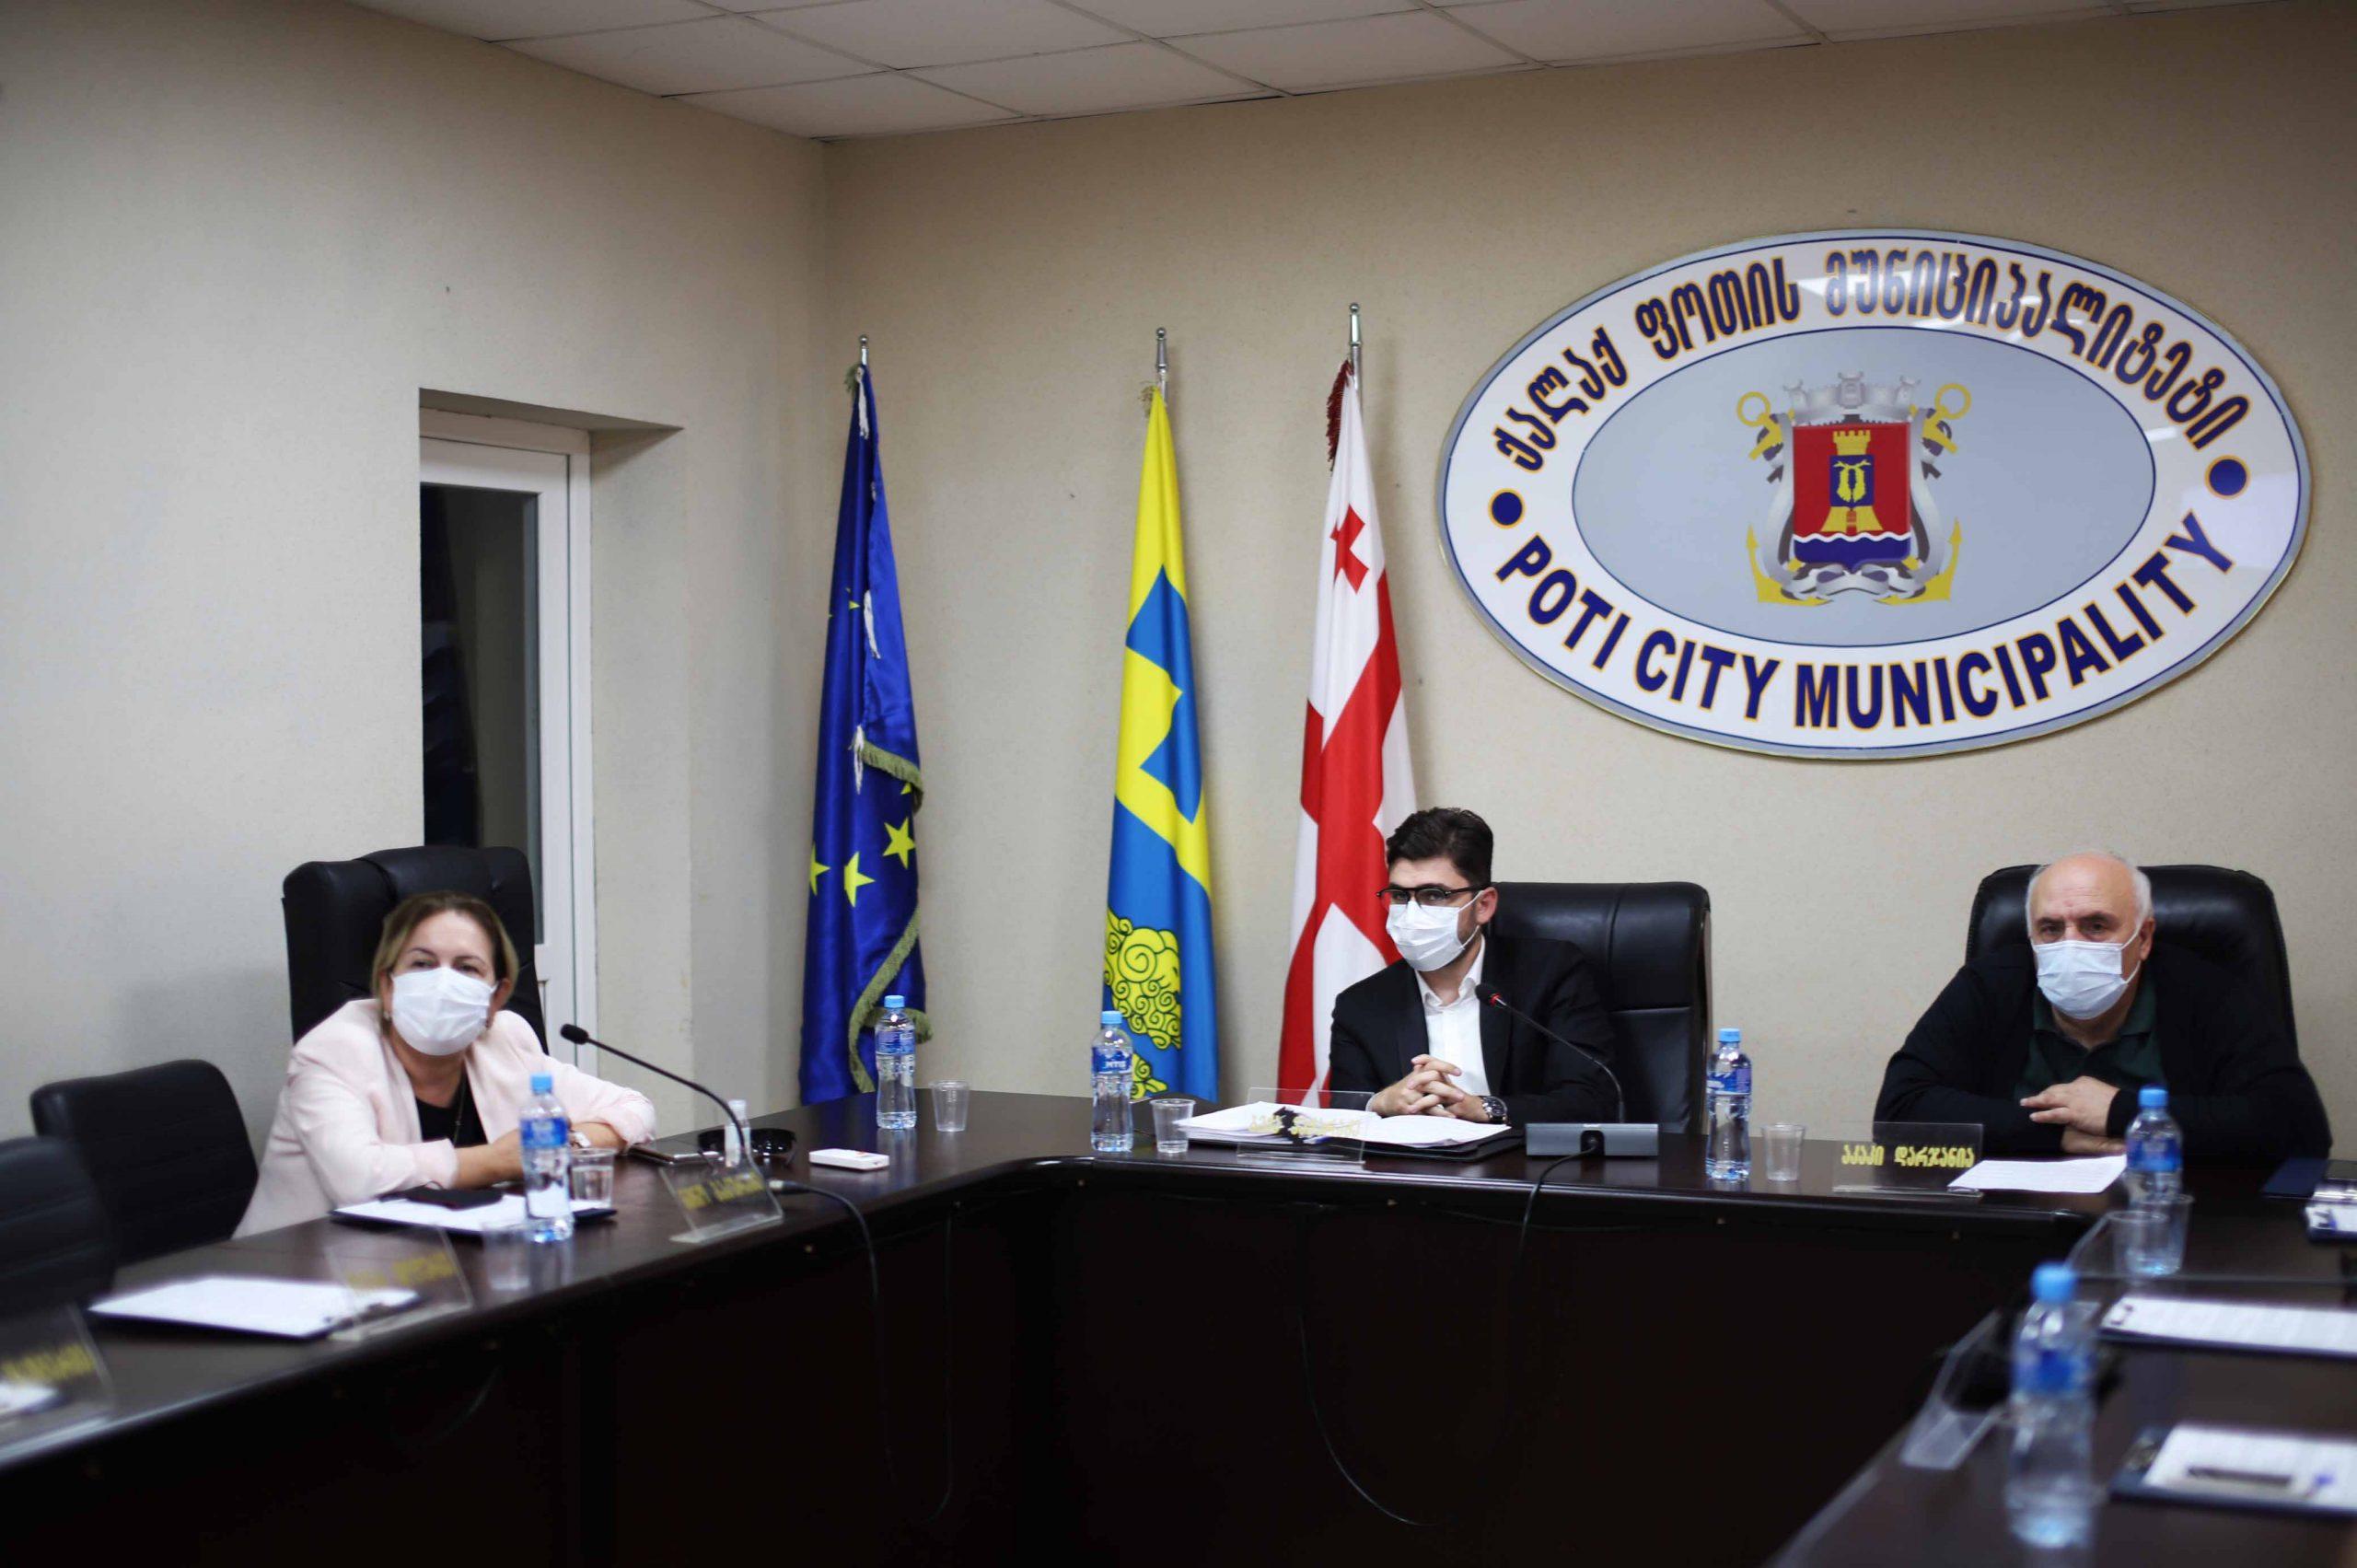 ქალაქ ფოთის მუნიციპალიტეტის საკრებულოს მე-10 გეგმიური სხდომა